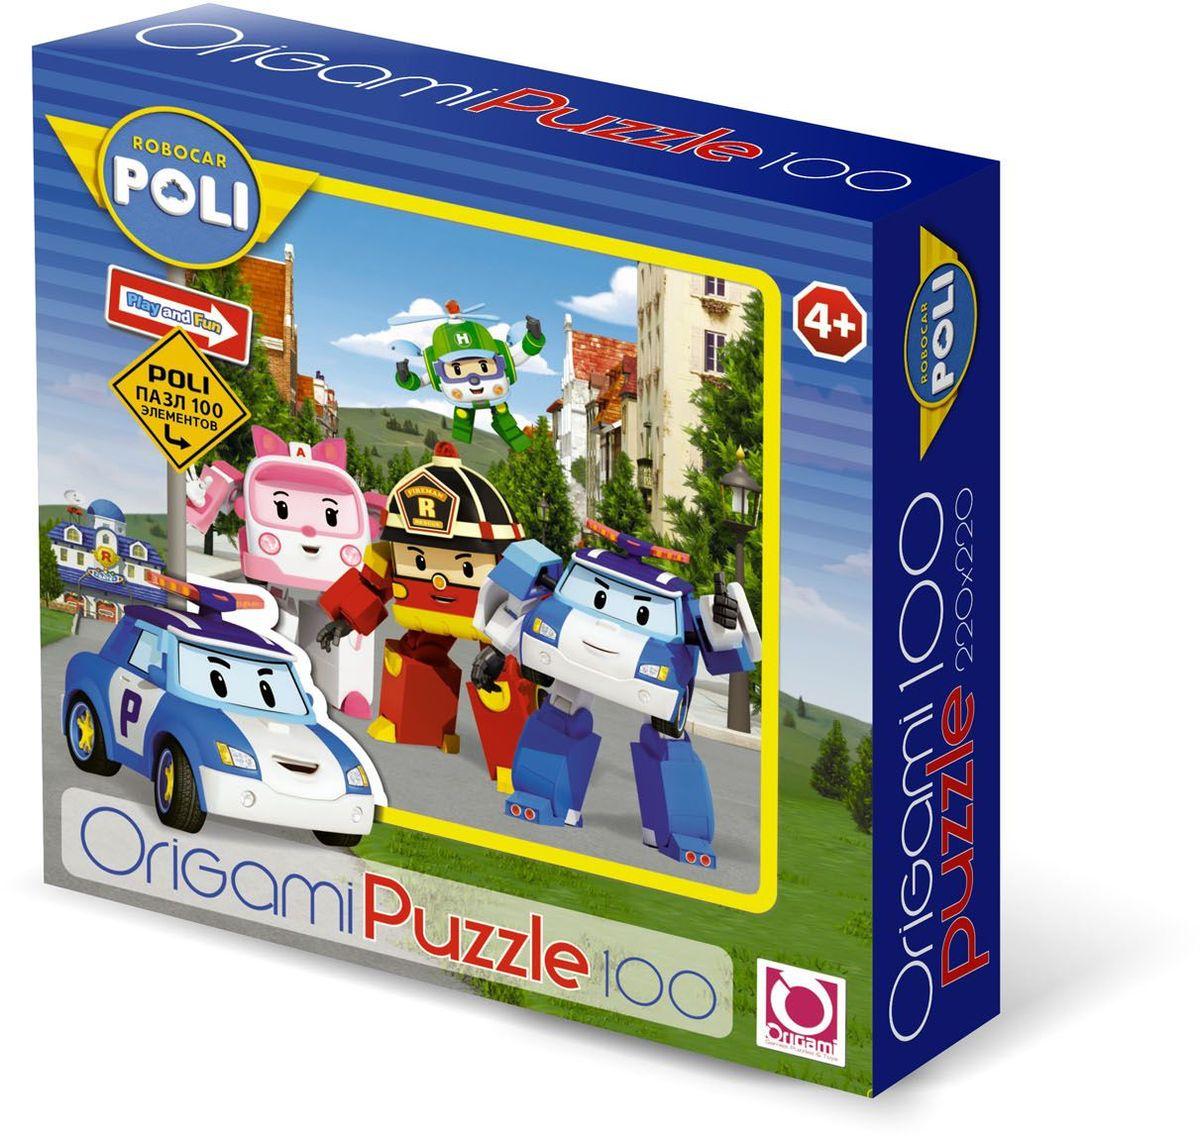 Оригами Пазл для малышей Robocar 05899